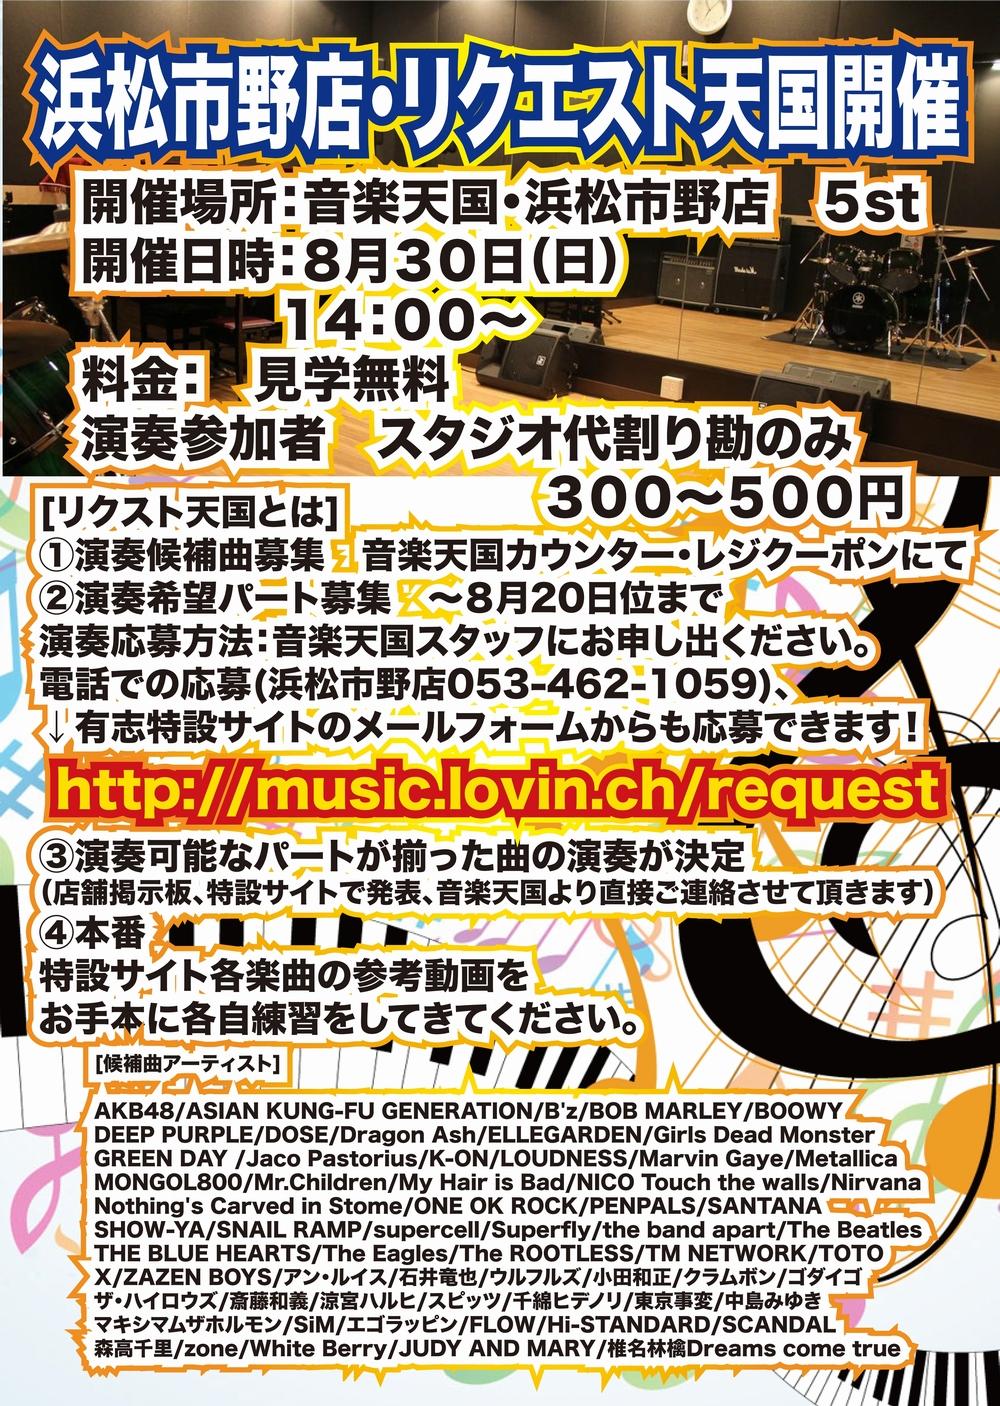 【リクエスト天国】@音楽天国・浜松市野店8月30日(日)初開催!